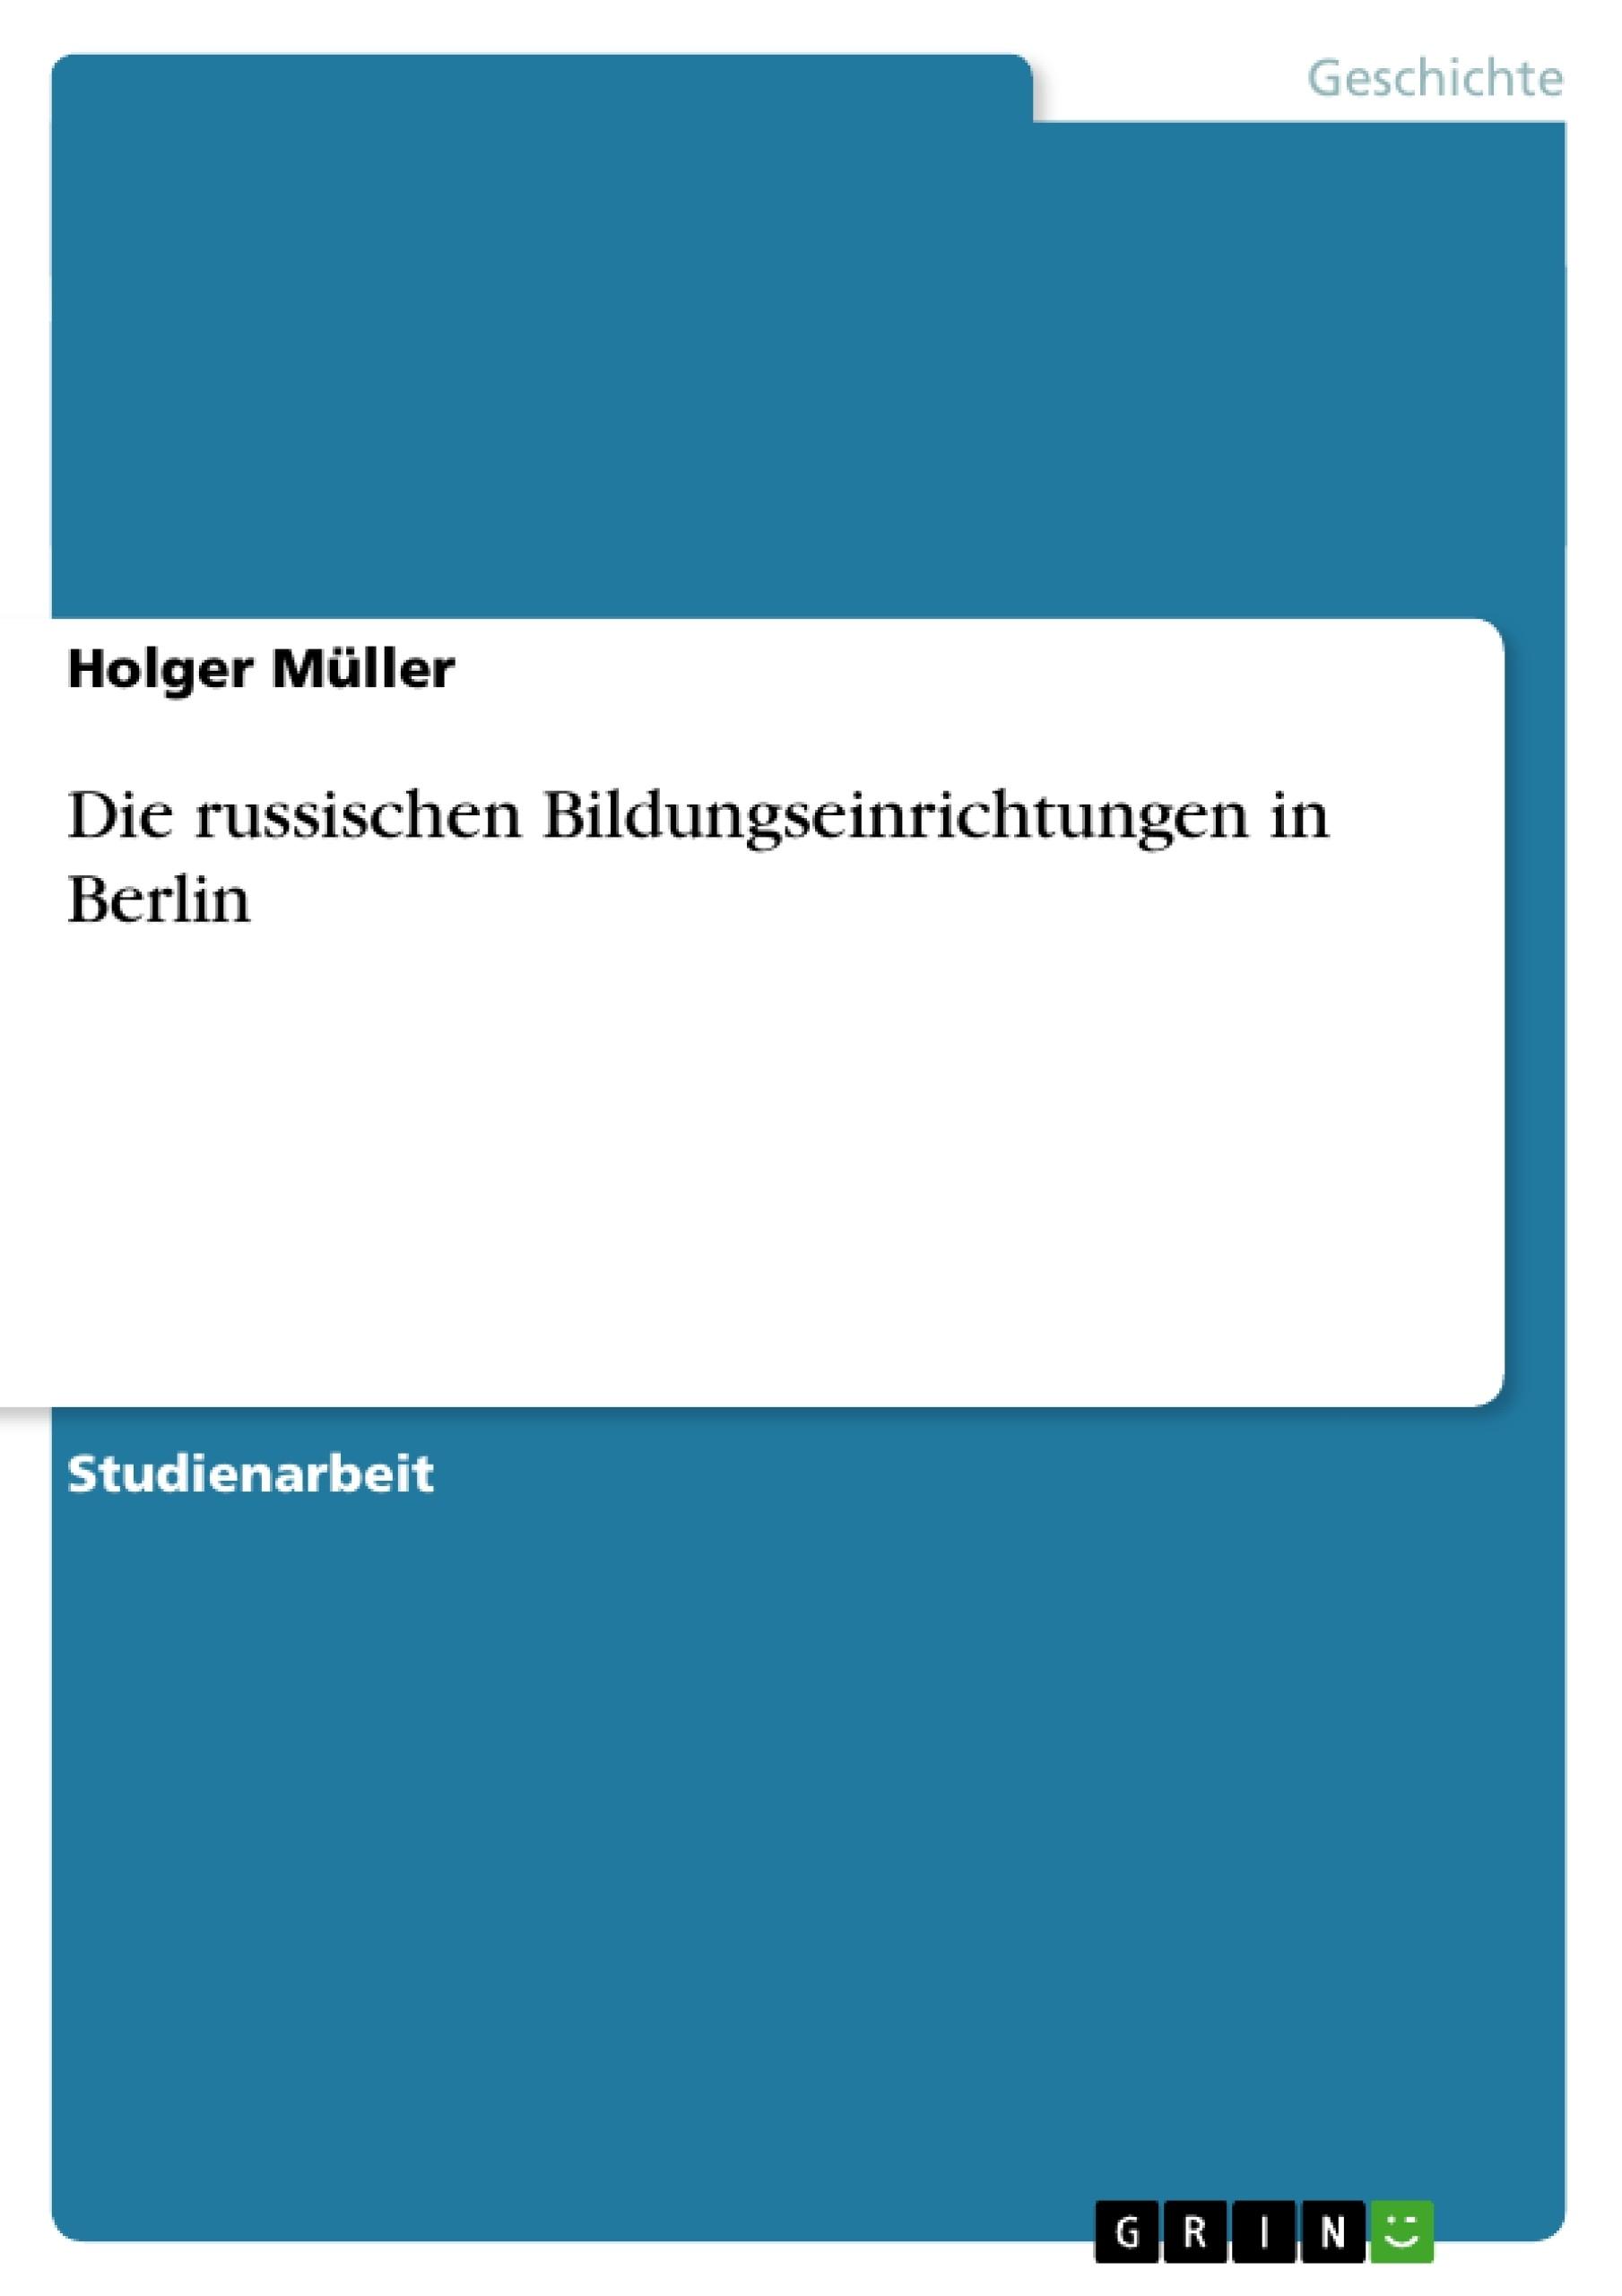 Titel: Die russischen Bildungseinrichtungen in Berlin